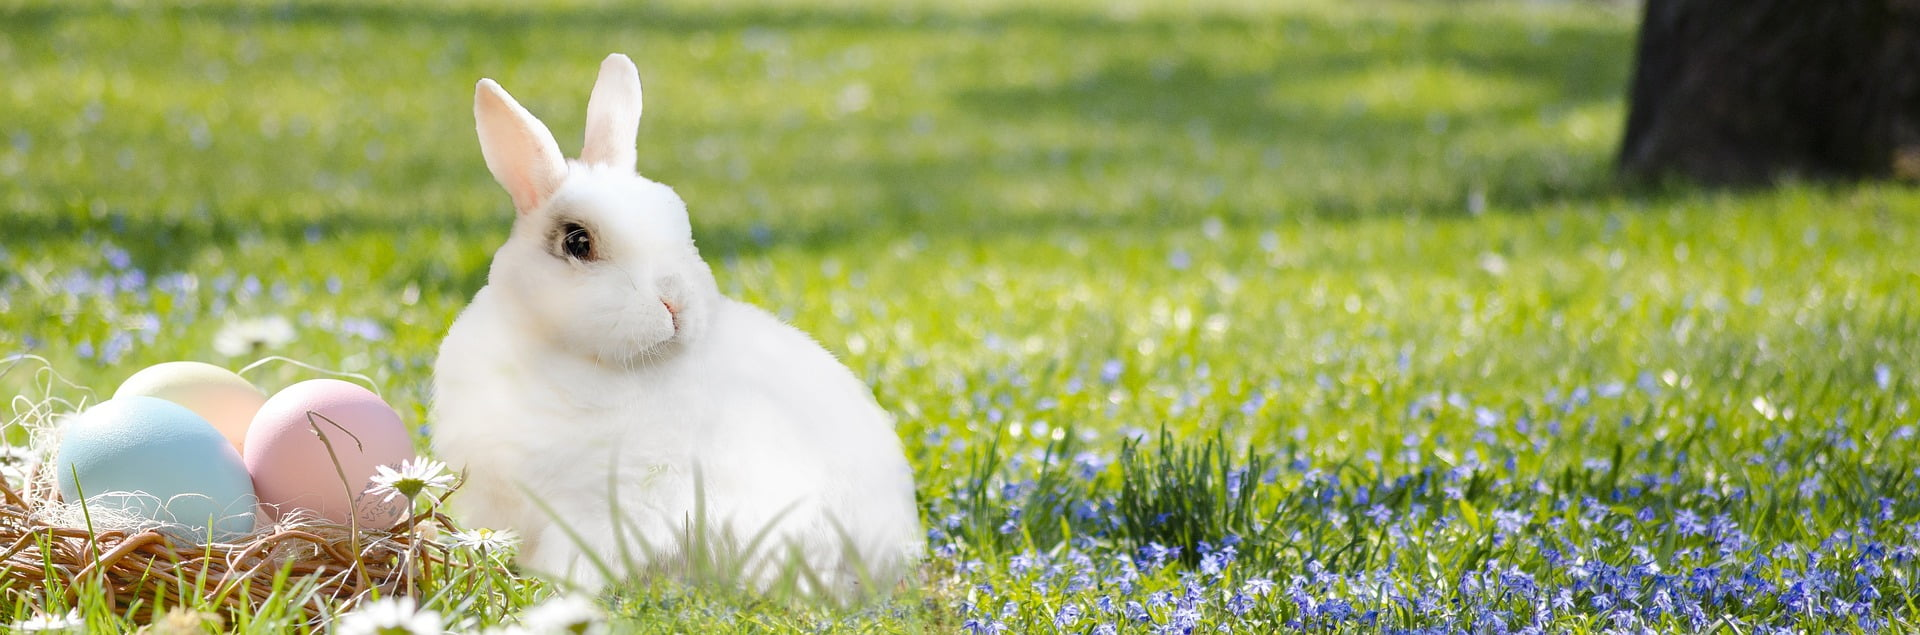 Sărbătorile pascale. 7 locuri mitice unde să mergi de Paște.